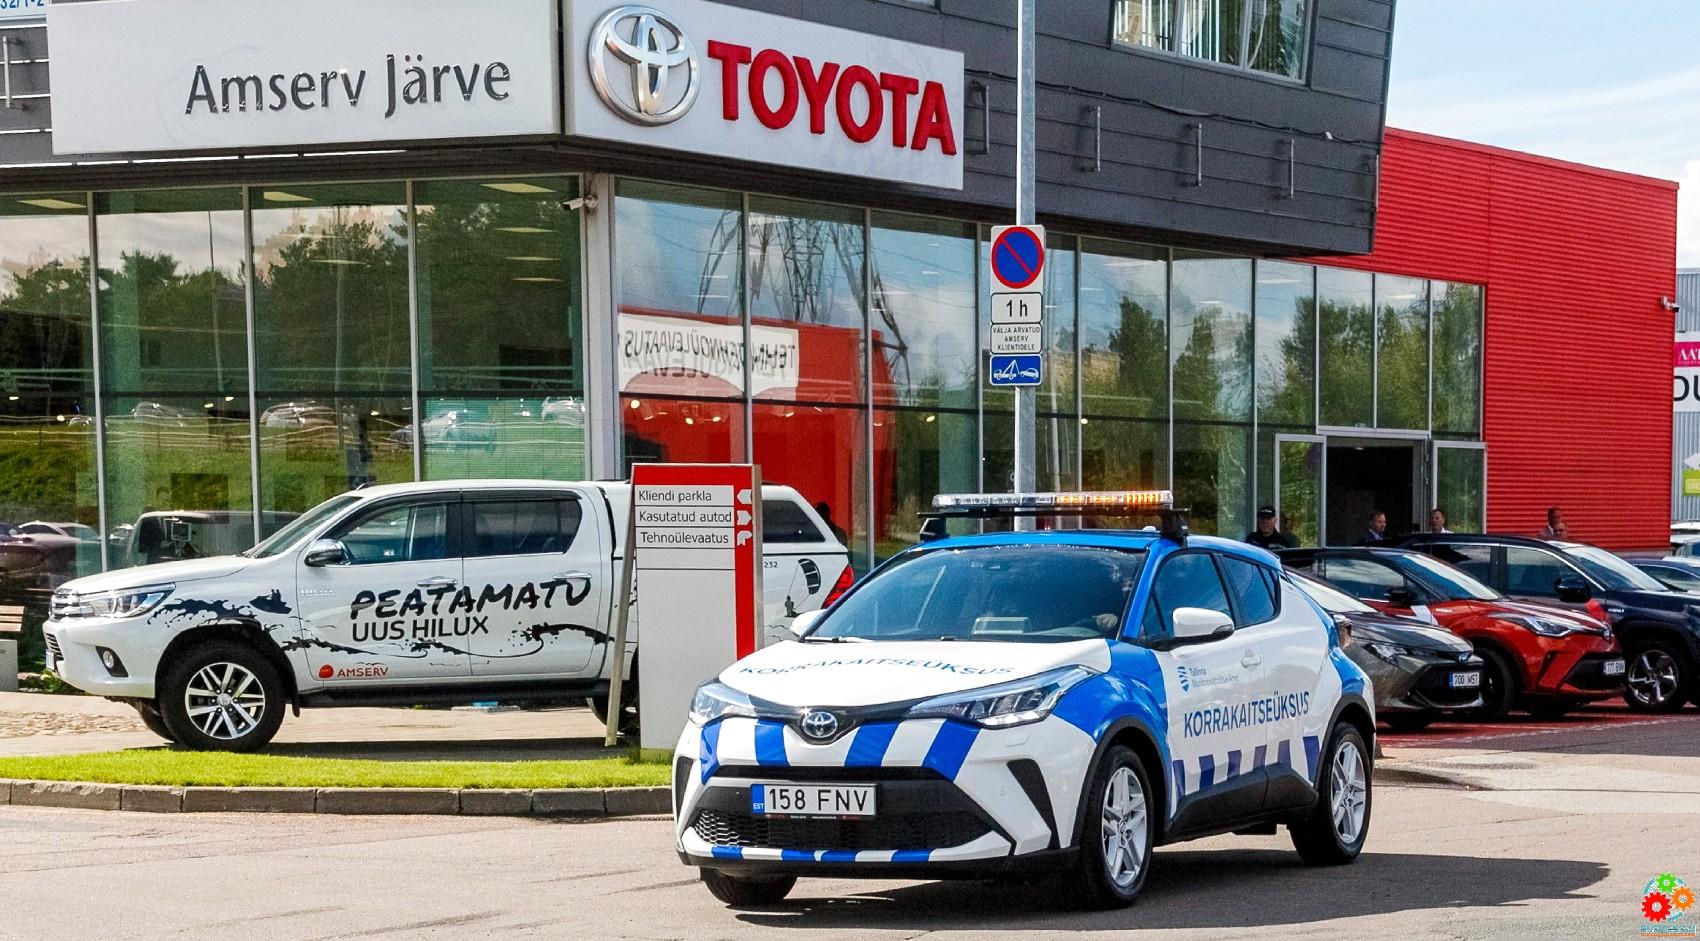 Amserv: Таллиннская Муниципальная полиция меняет свой автопарк на гибридные автомобили